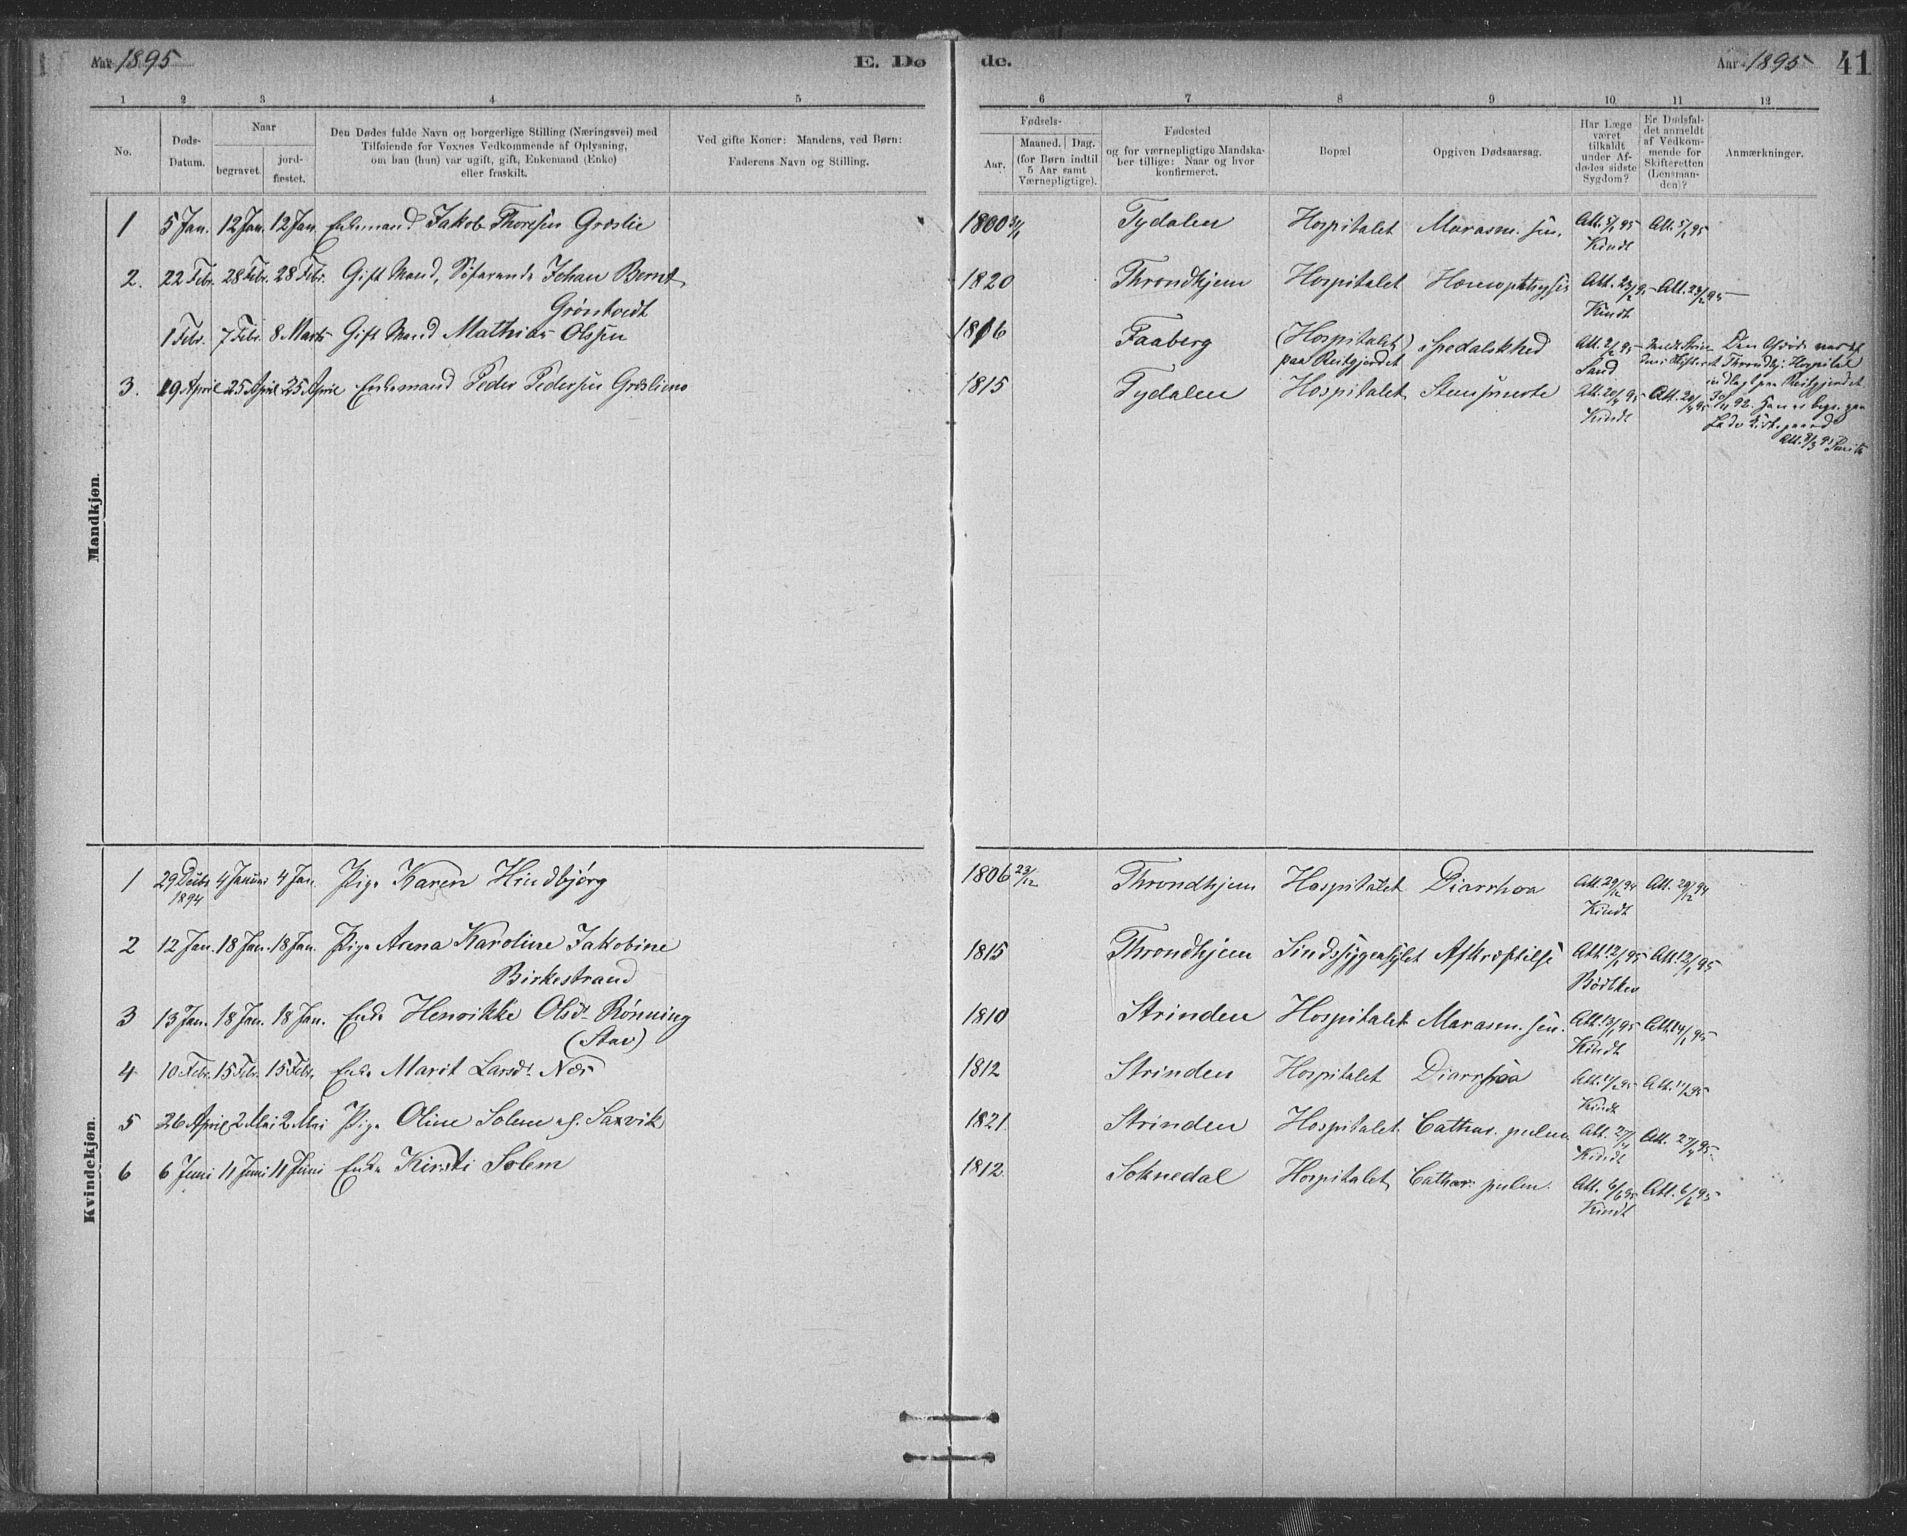 SAT, Ministerialprotokoller, klokkerbøker og fødselsregistre - Sør-Trøndelag, 623/L0470: Ministerialbok nr. 623A04, 1884-1938, s. 41